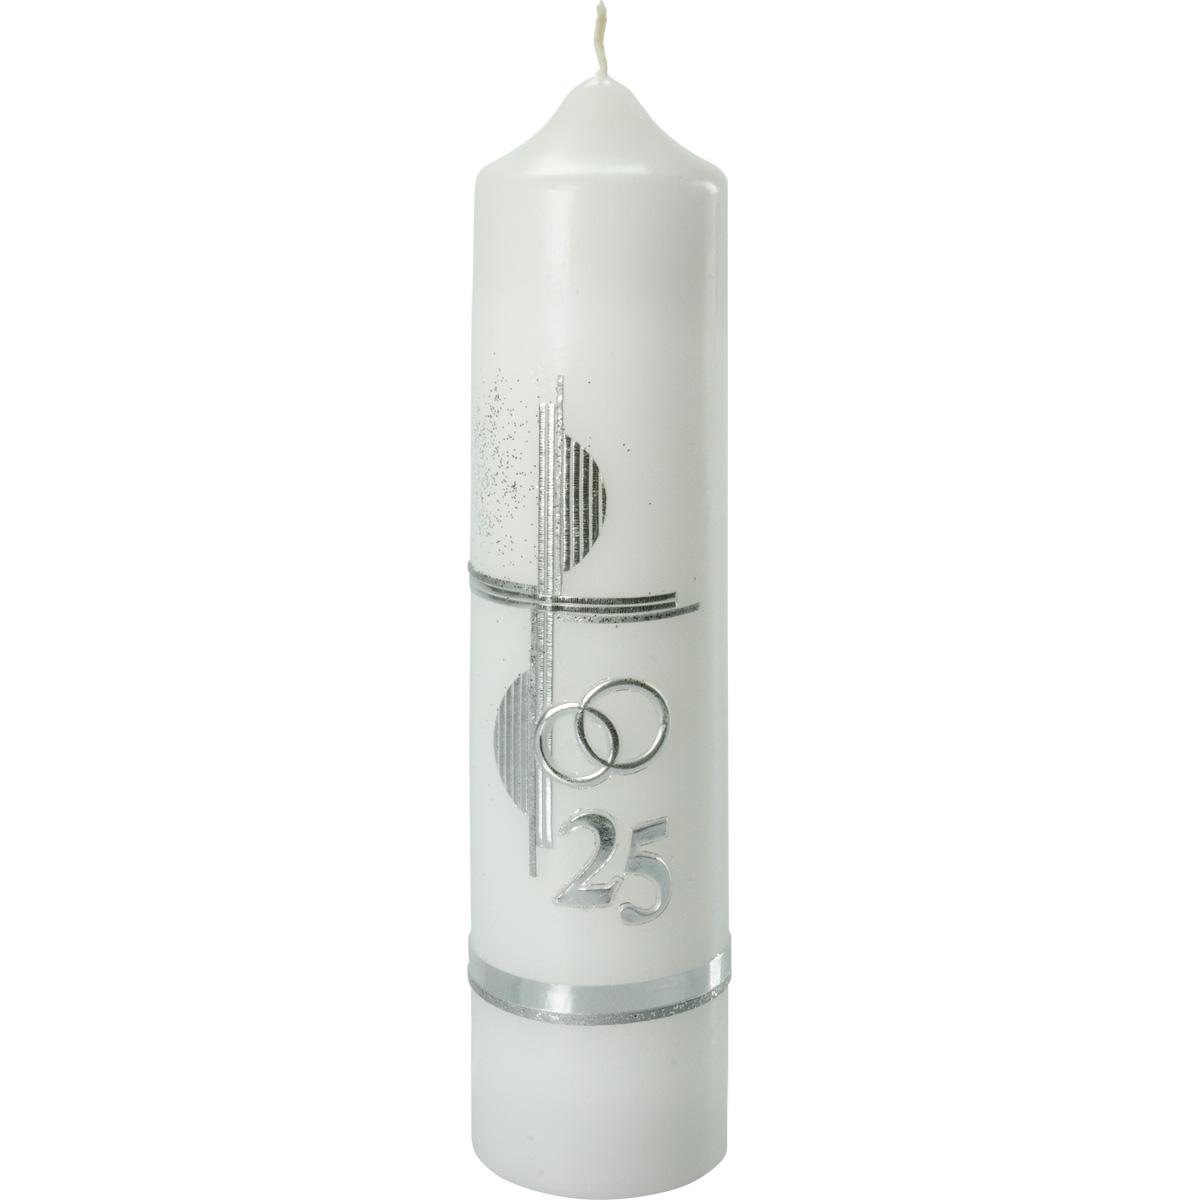 Silber-Hochzeitskerze, #951S, 265x60